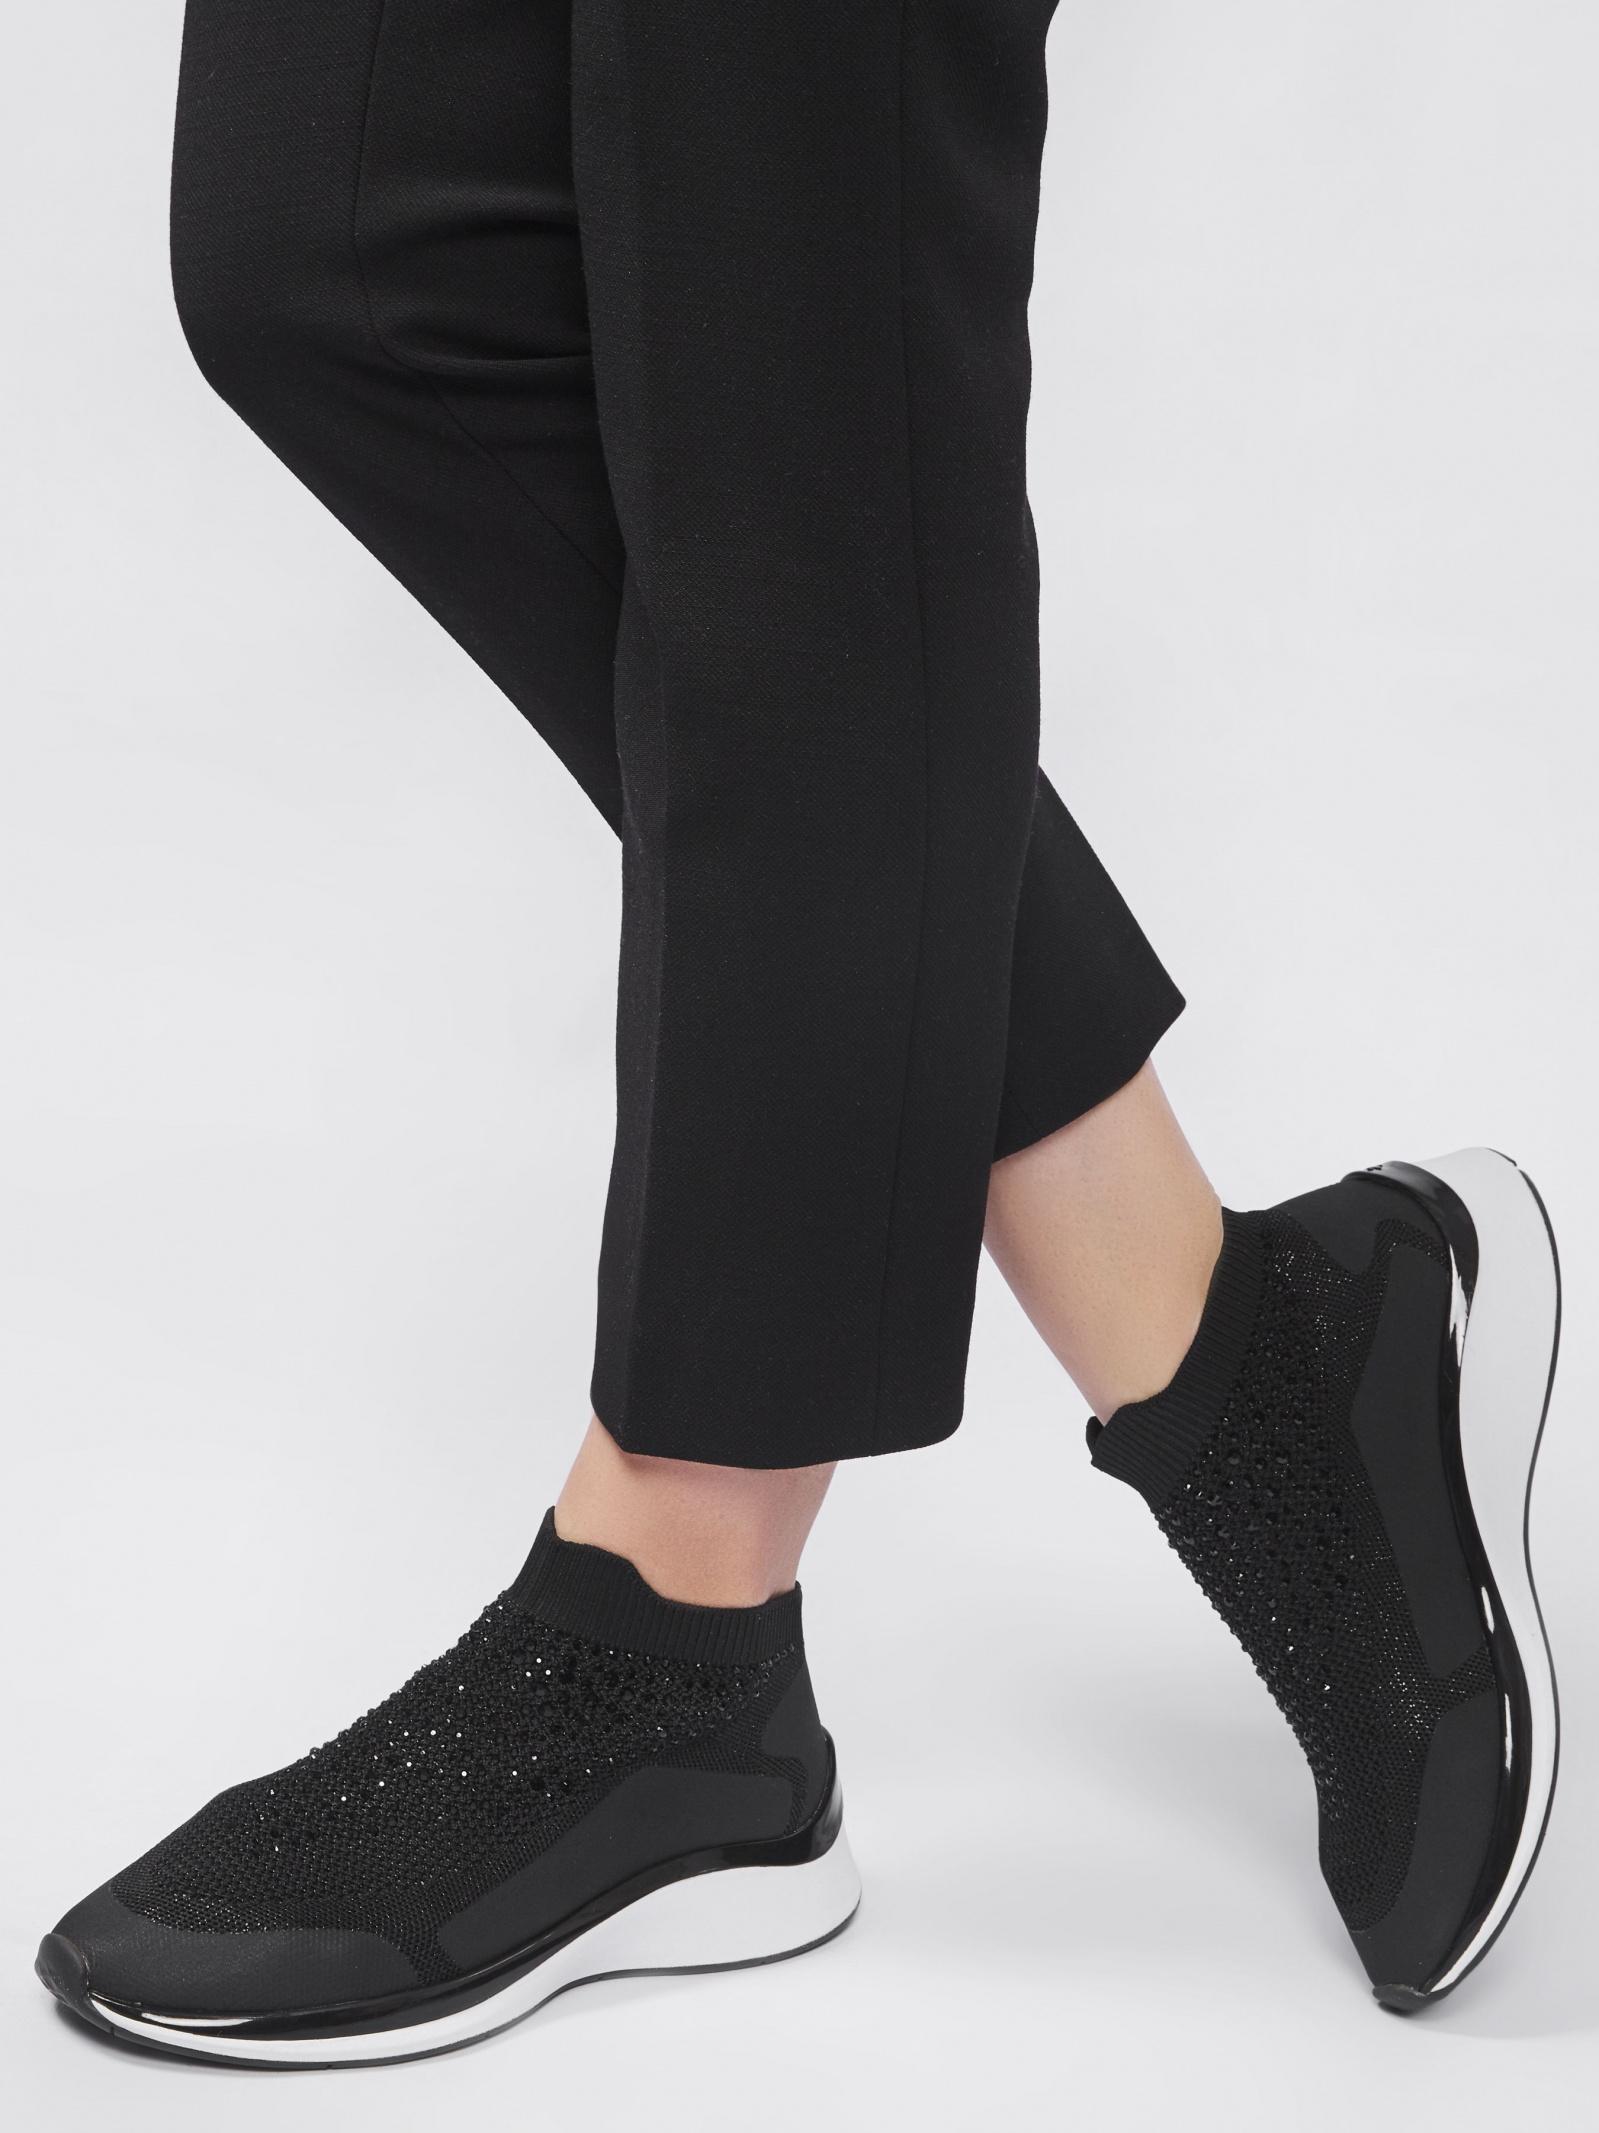 Кроссовки для женщин Tamaris IS813 модная обувь, 2017